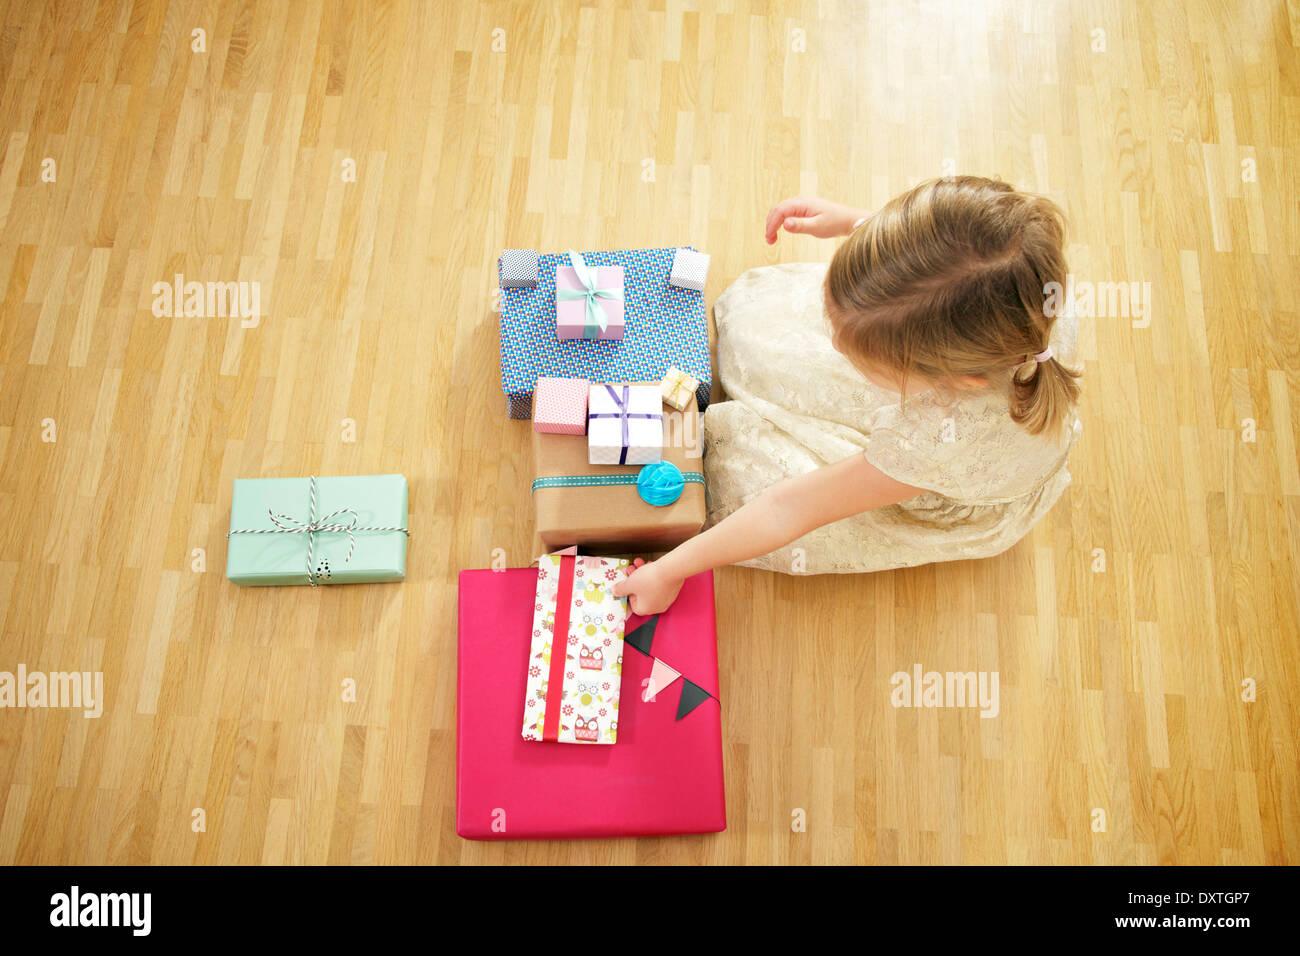 Chica en la fiesta de cumpleaños de desembalaje de cajas de regalo, Munich, Baviera, Alemania Imagen De Stock